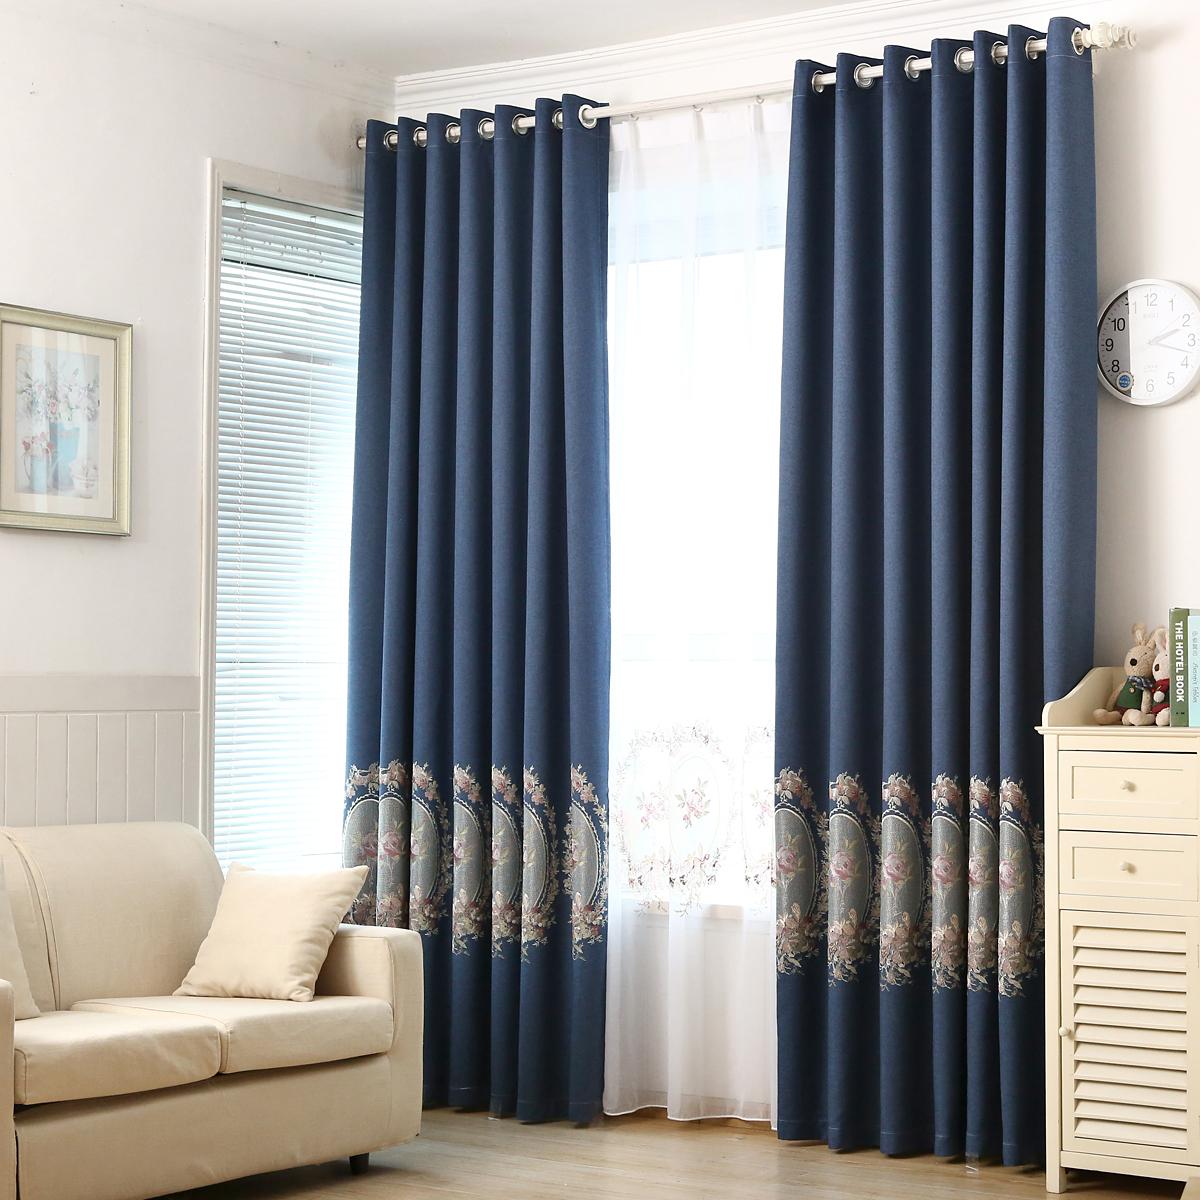 棉麻窗帘欧式高档客厅